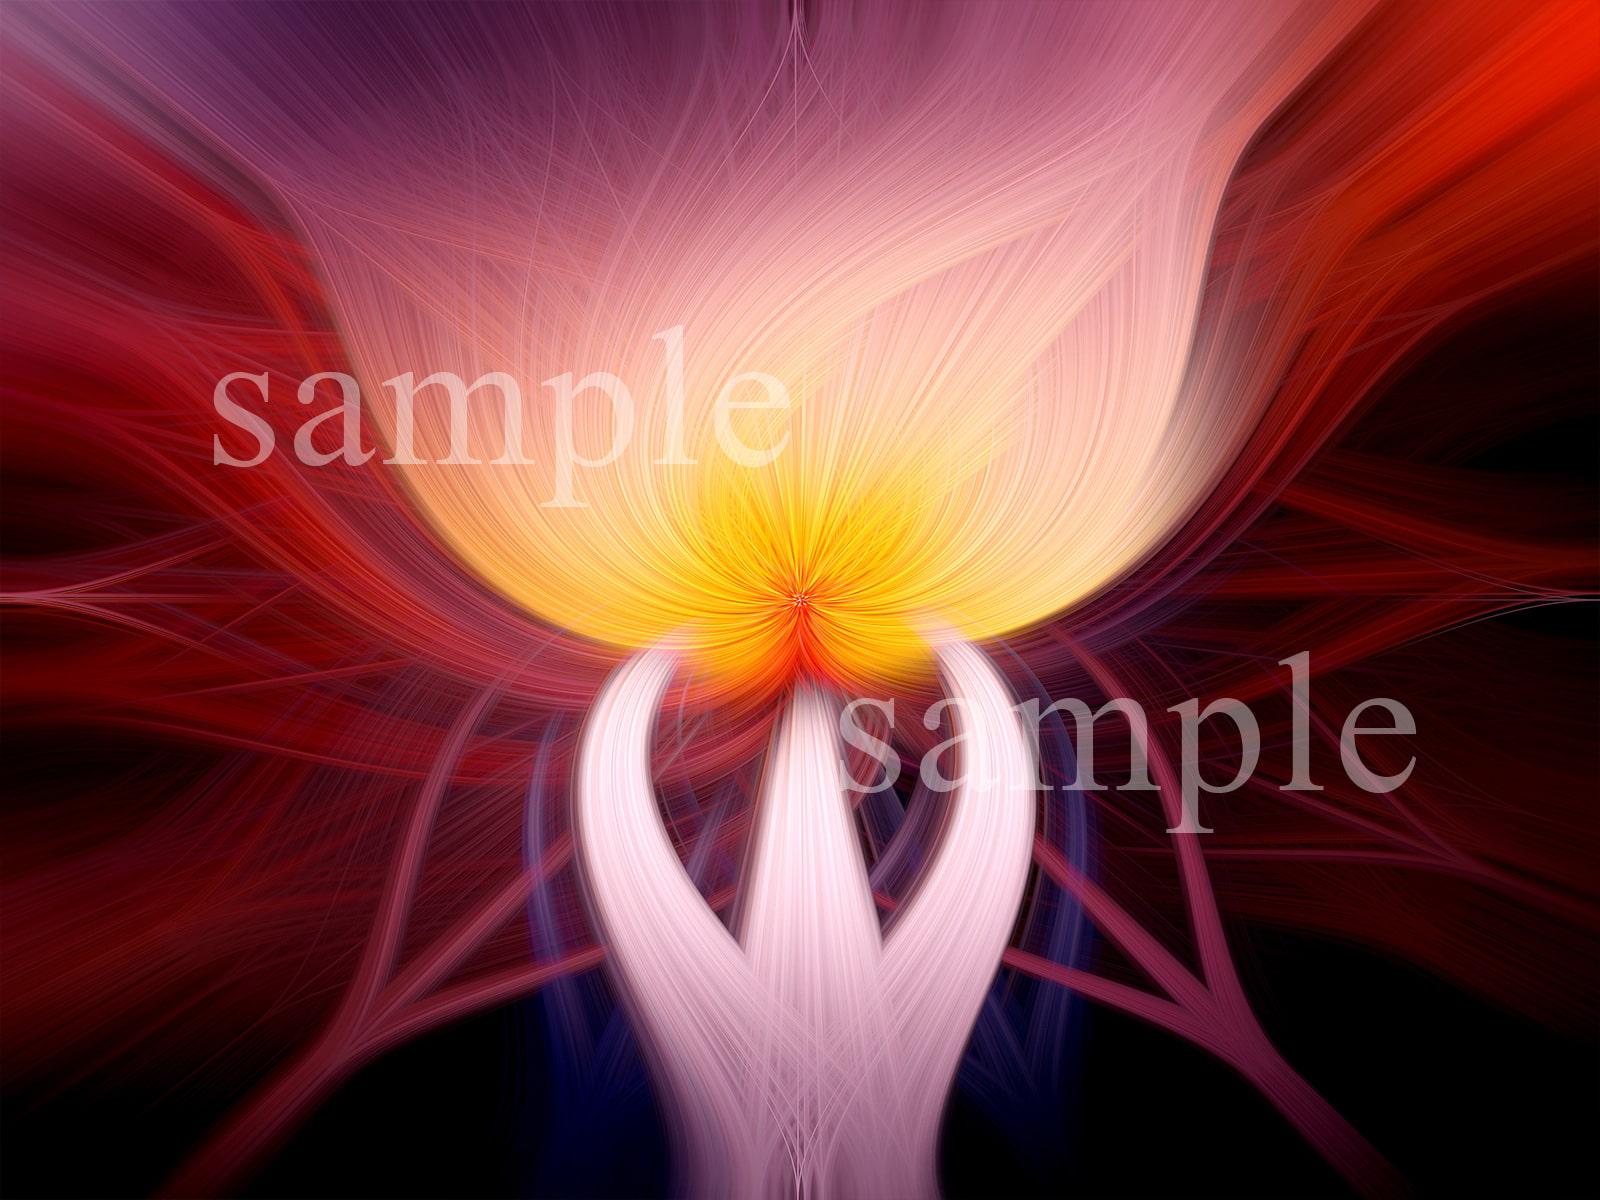 著作権フリー画像素材「Abstract Background Vol.2」